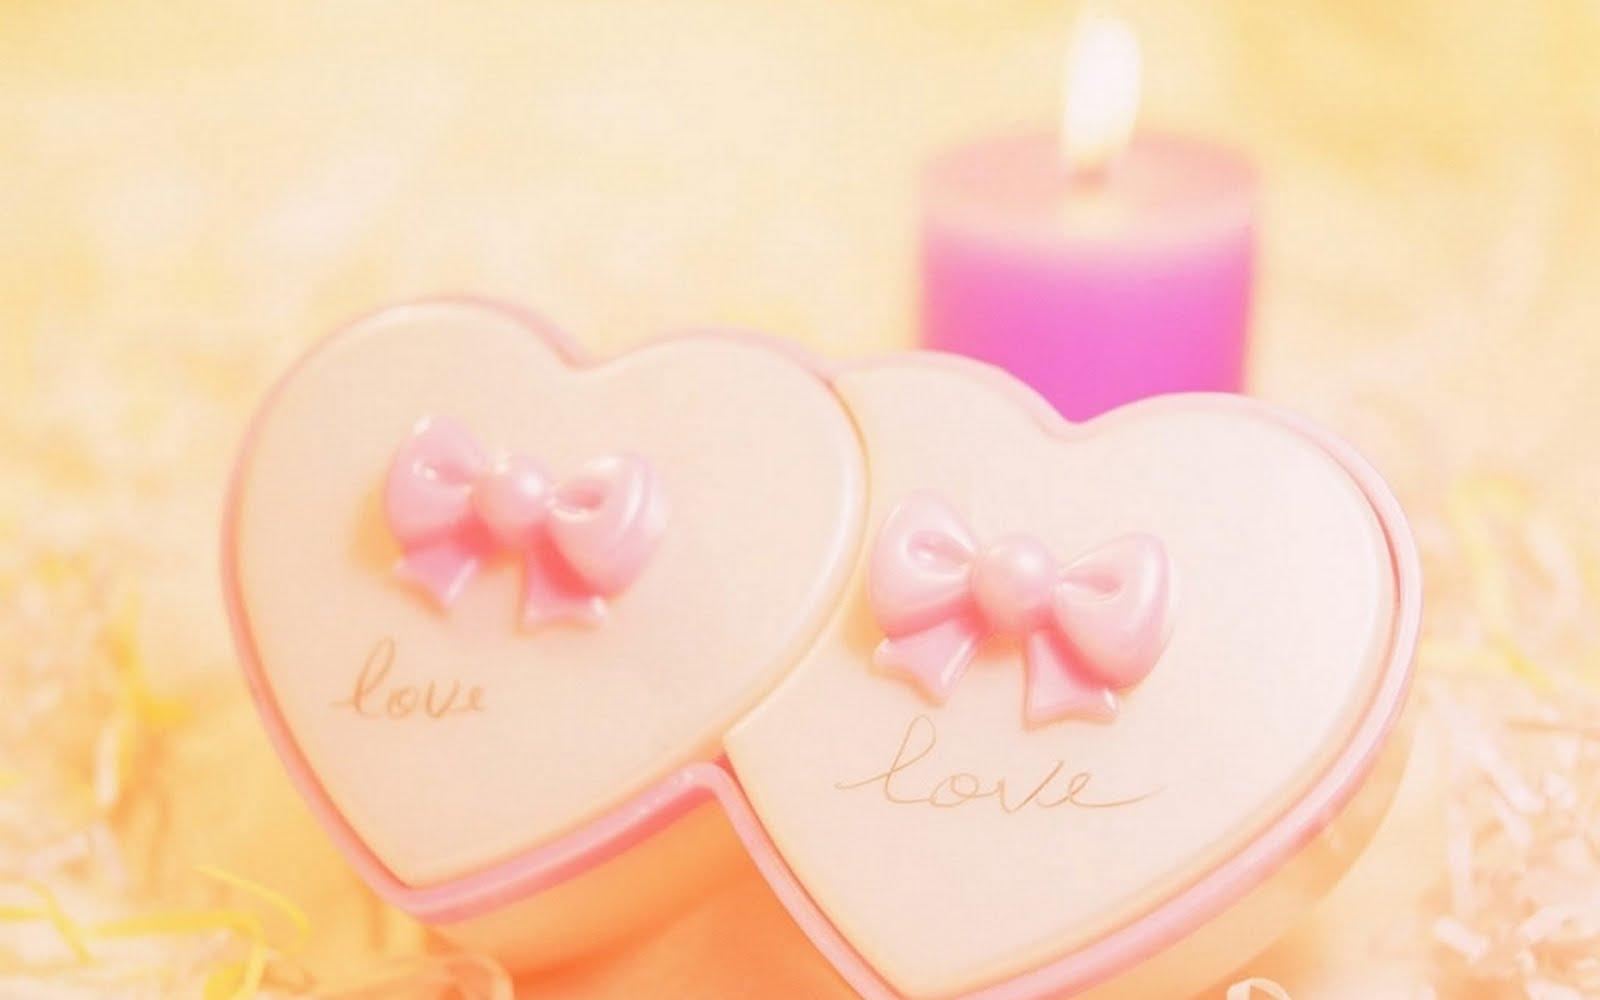 http://1.bp.blogspot.com/_wSeCOlidmxc/TFaQhRUr0lI/AAAAAAAAAZs/ETUdxpOYgq4/s1600/Couple-Love-with-Candle-Light-Wallpaper.jpg